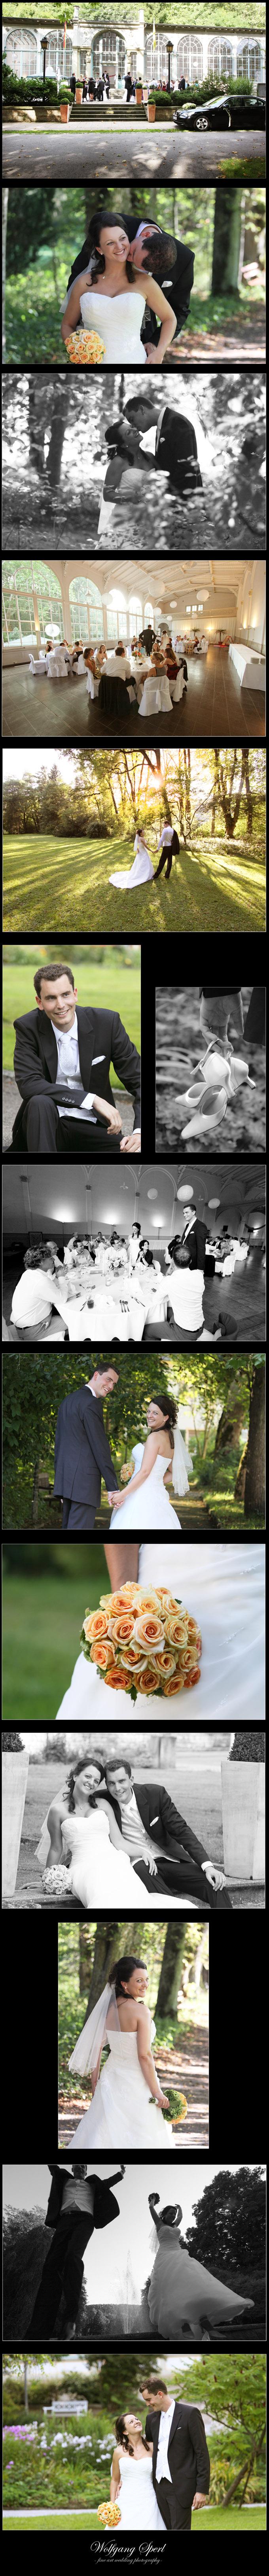 Fürstensaal Bad Imnau Hochzeit Fotograf